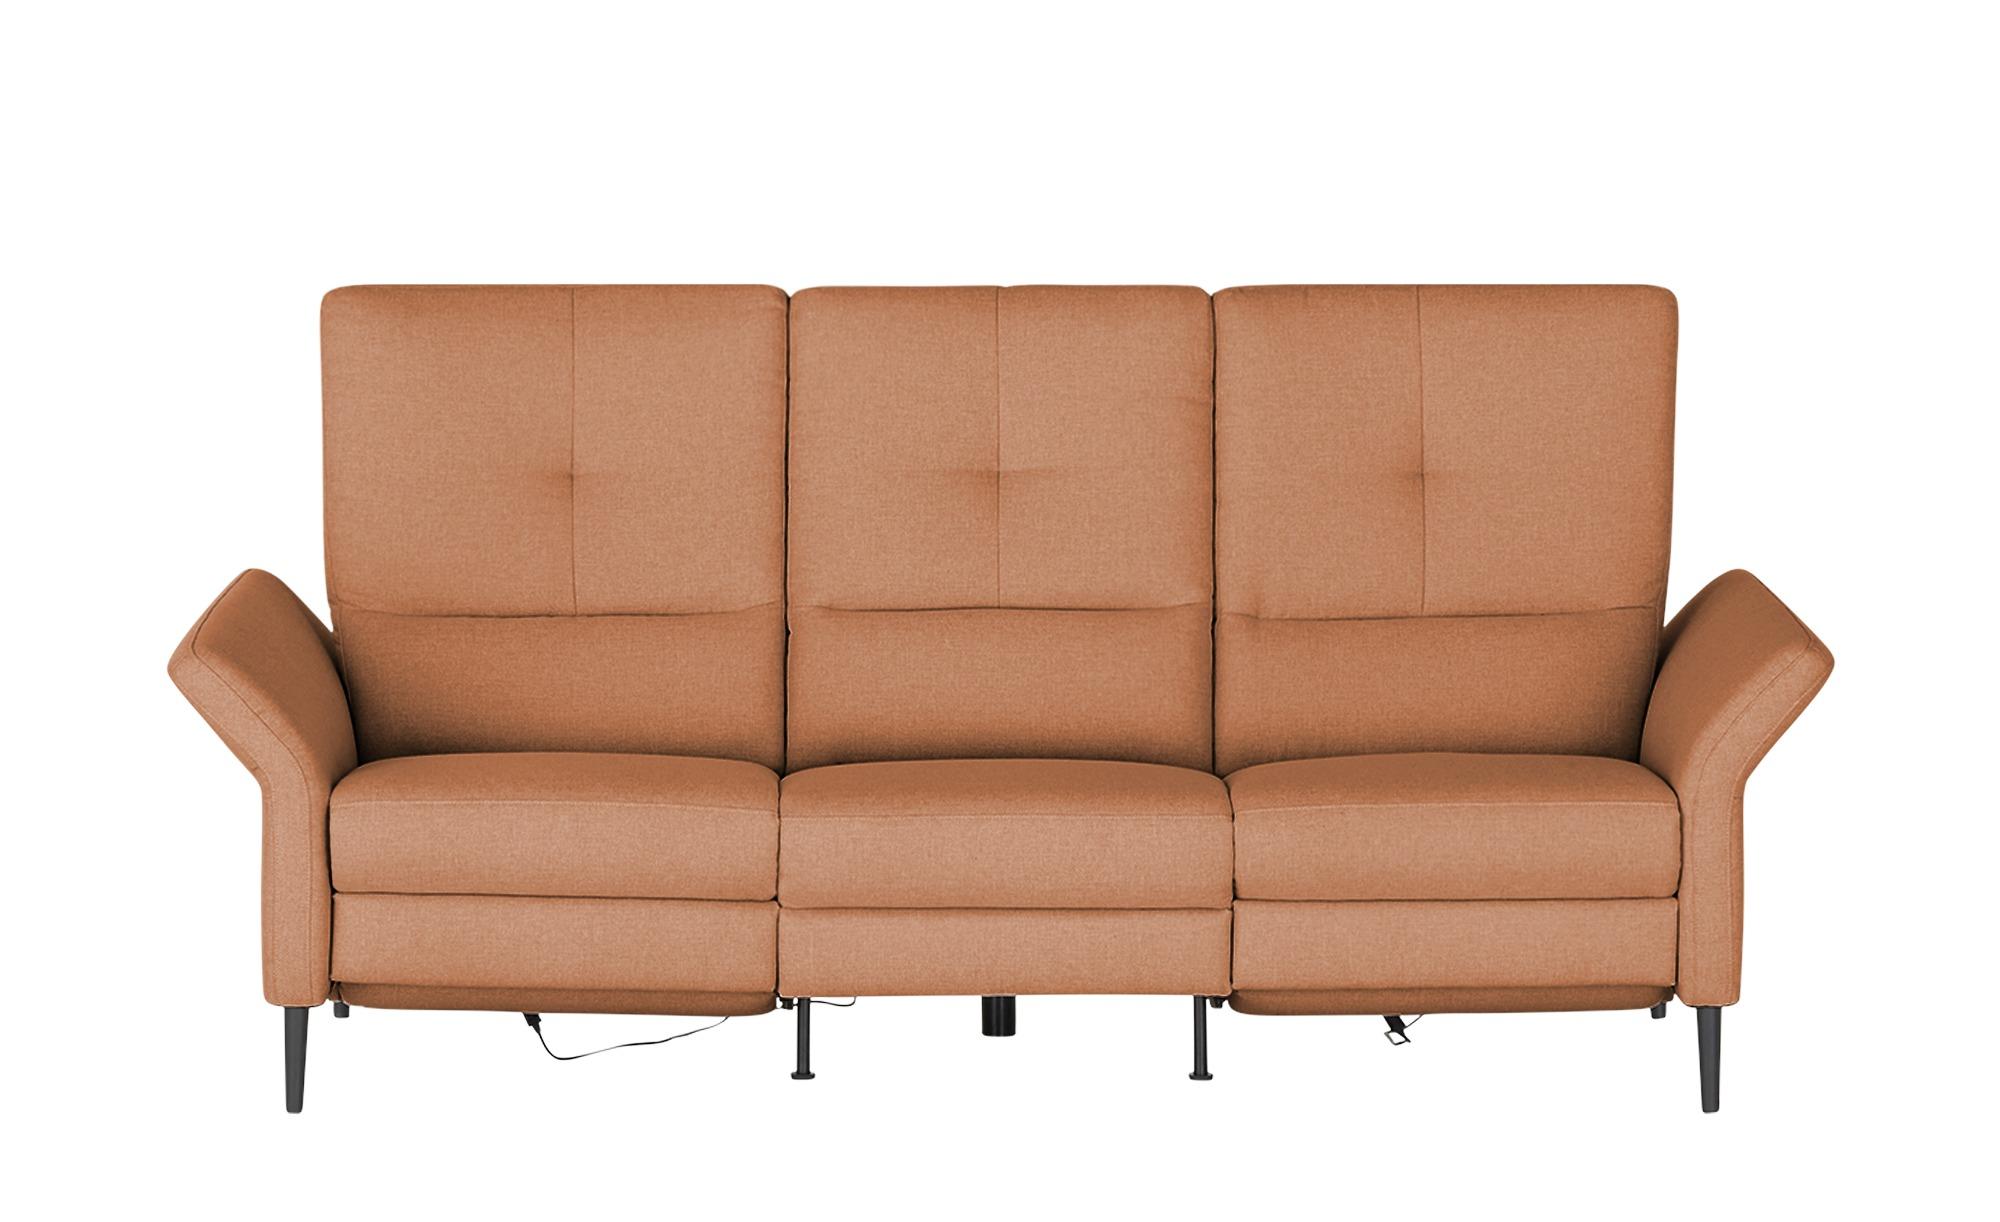 Wohnwert Einzelsofa  Sandra ¦ orange ¦ Maße (cm): B: 224 H: 108 T: 89 Polstermöbel > Sofas > 2-Sitzer - Höffner